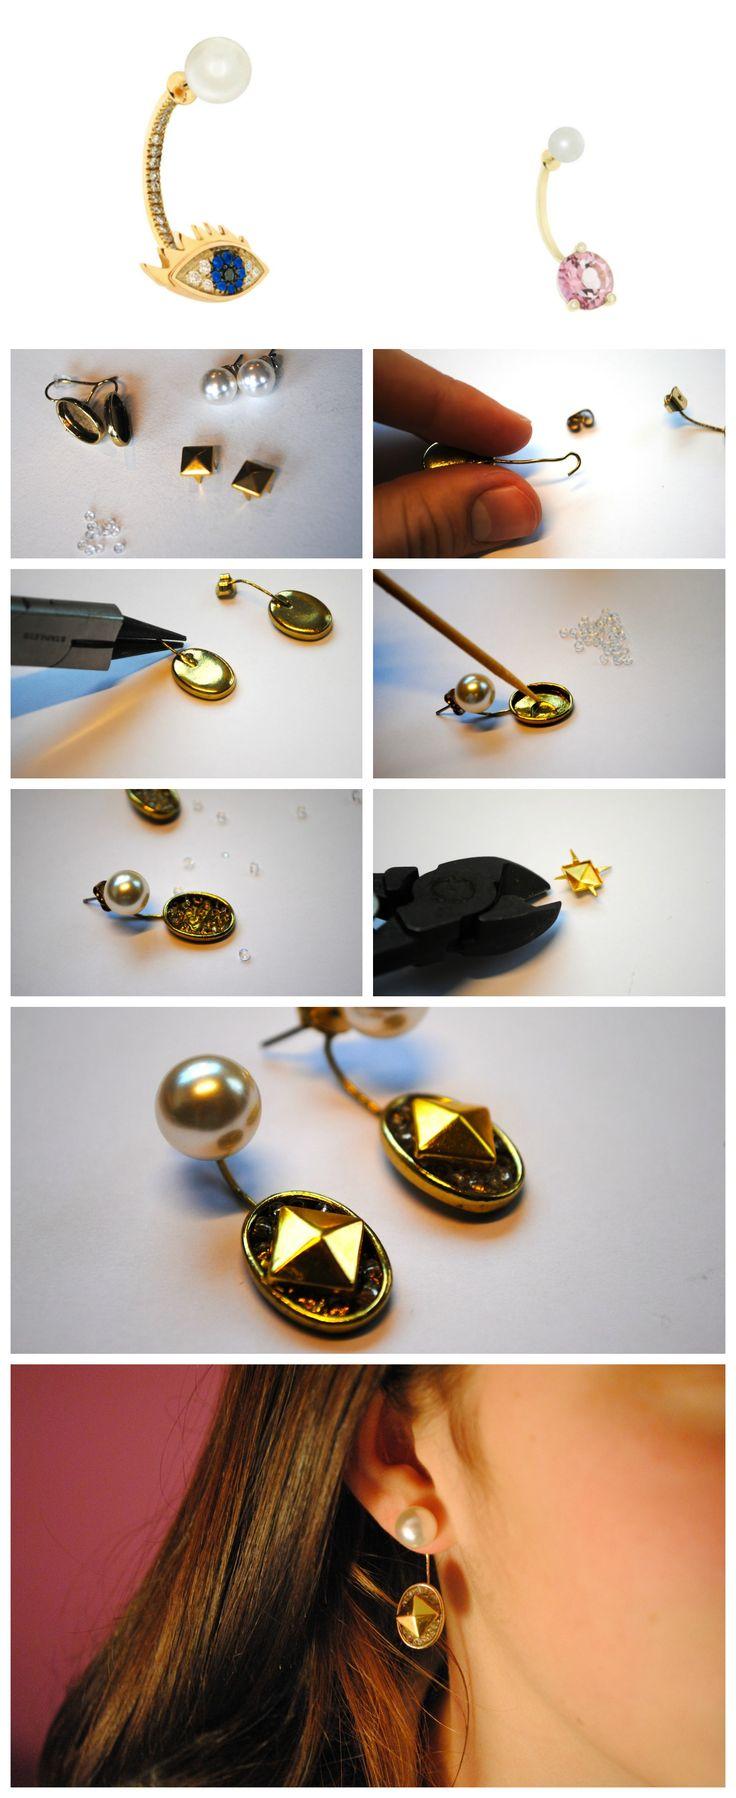 92 best diy ideas earrings images on pinterest | jewelry ideas